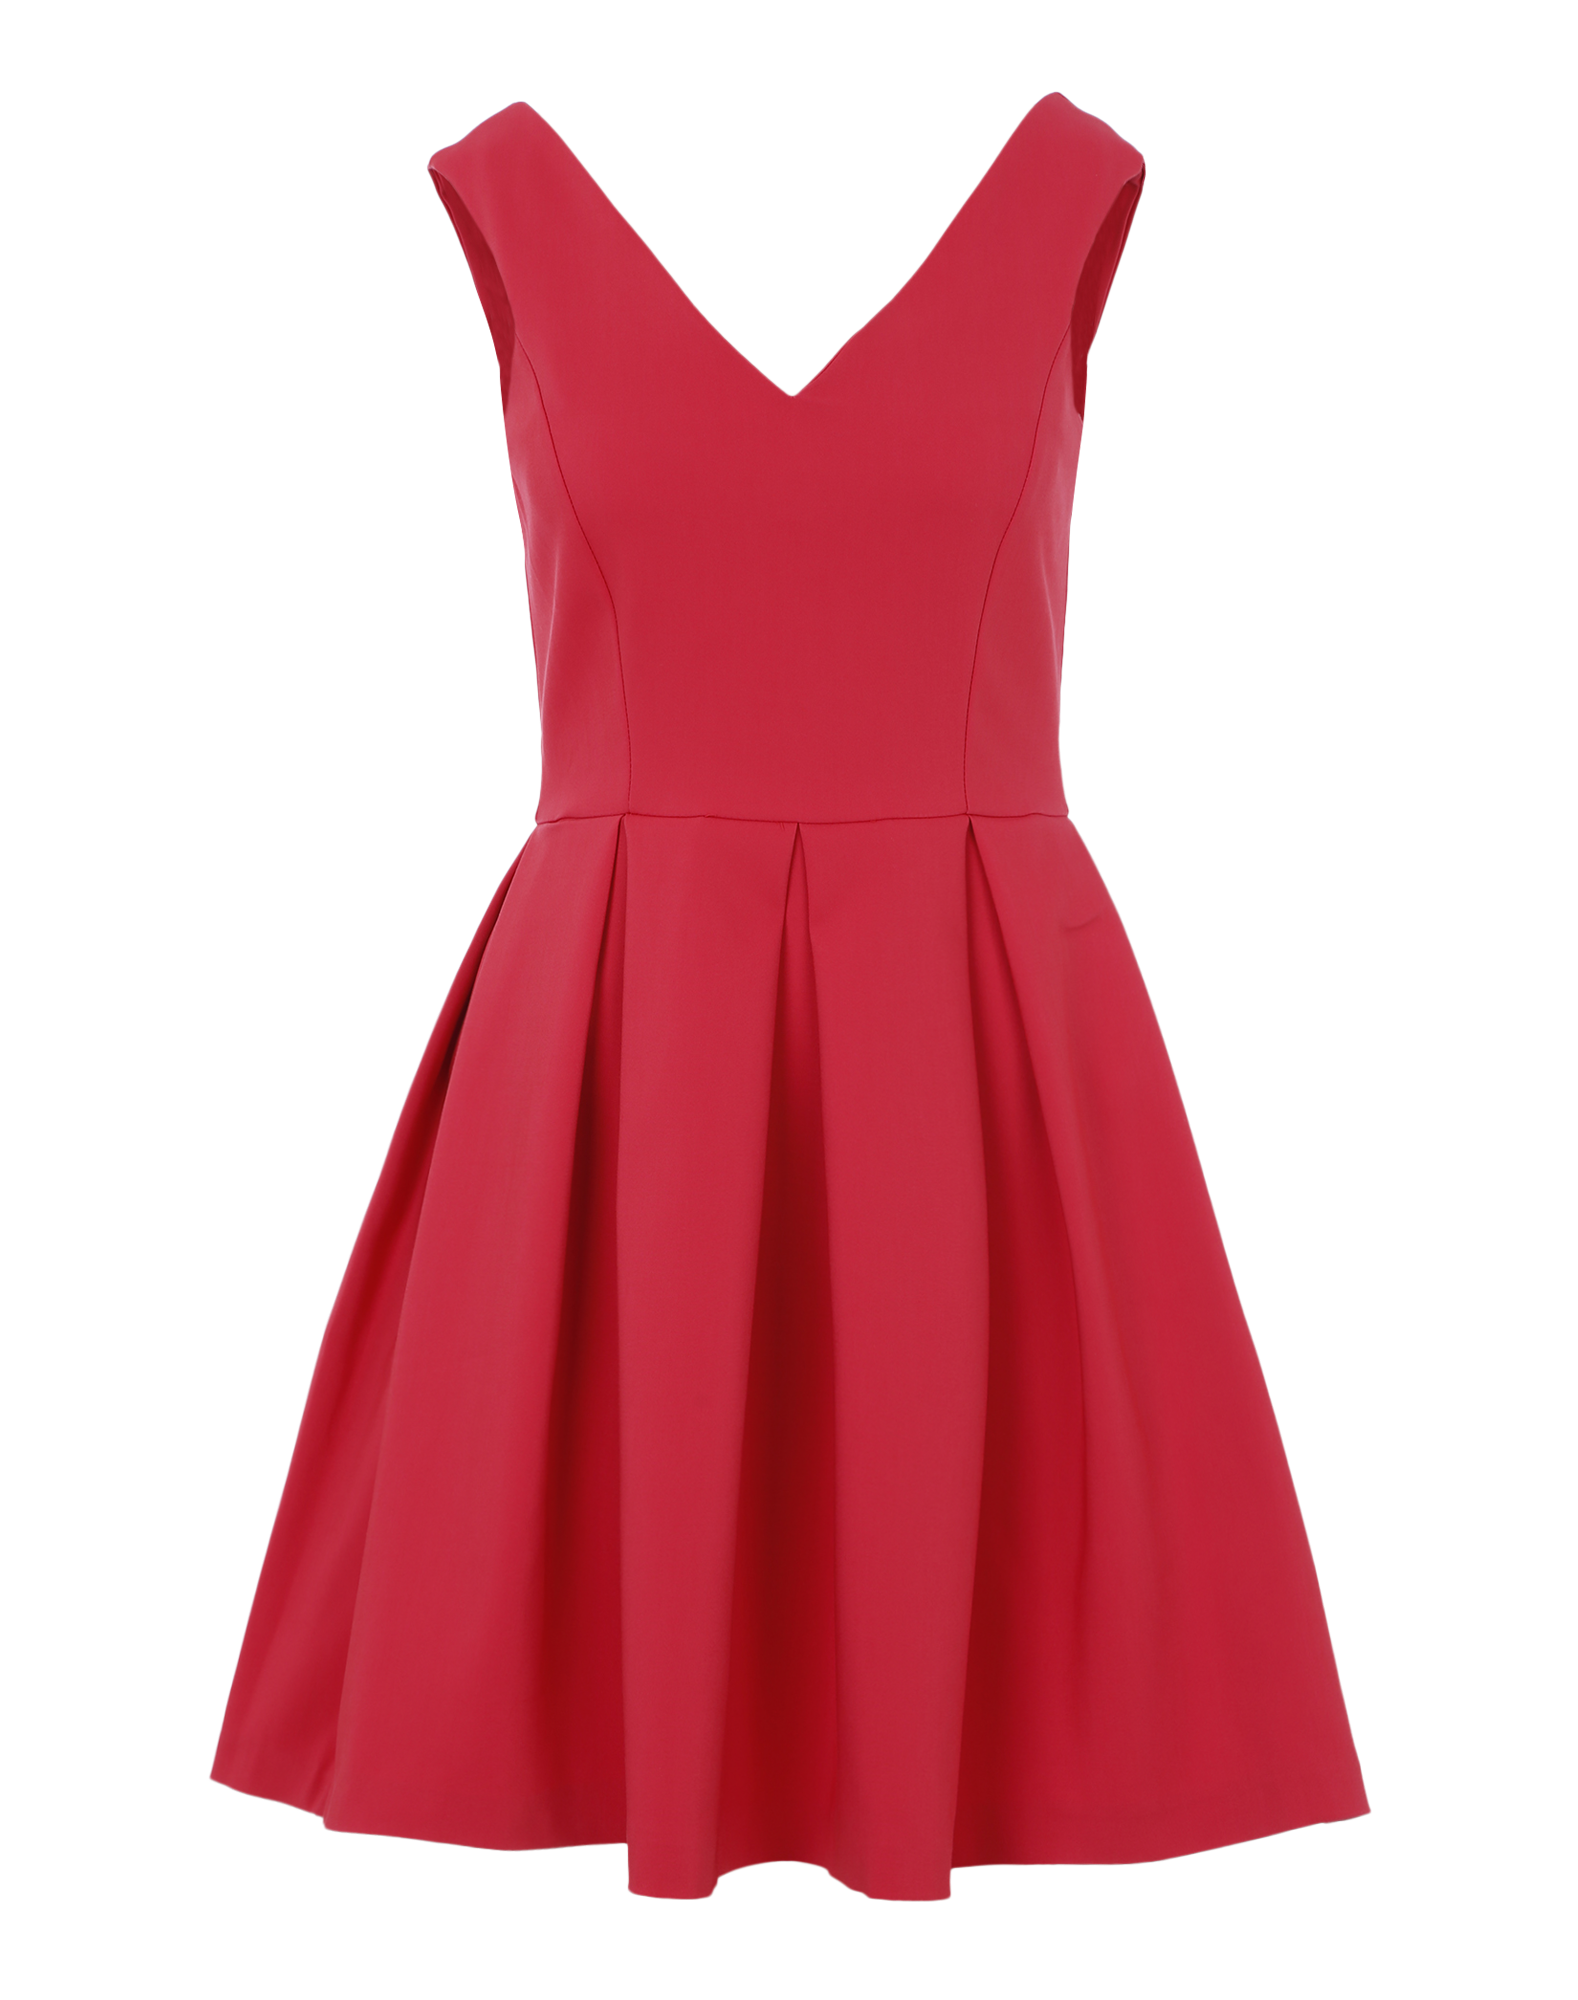 Feminin und bezaubernd: Das ausgestellte Kleid des Labels Closet ...